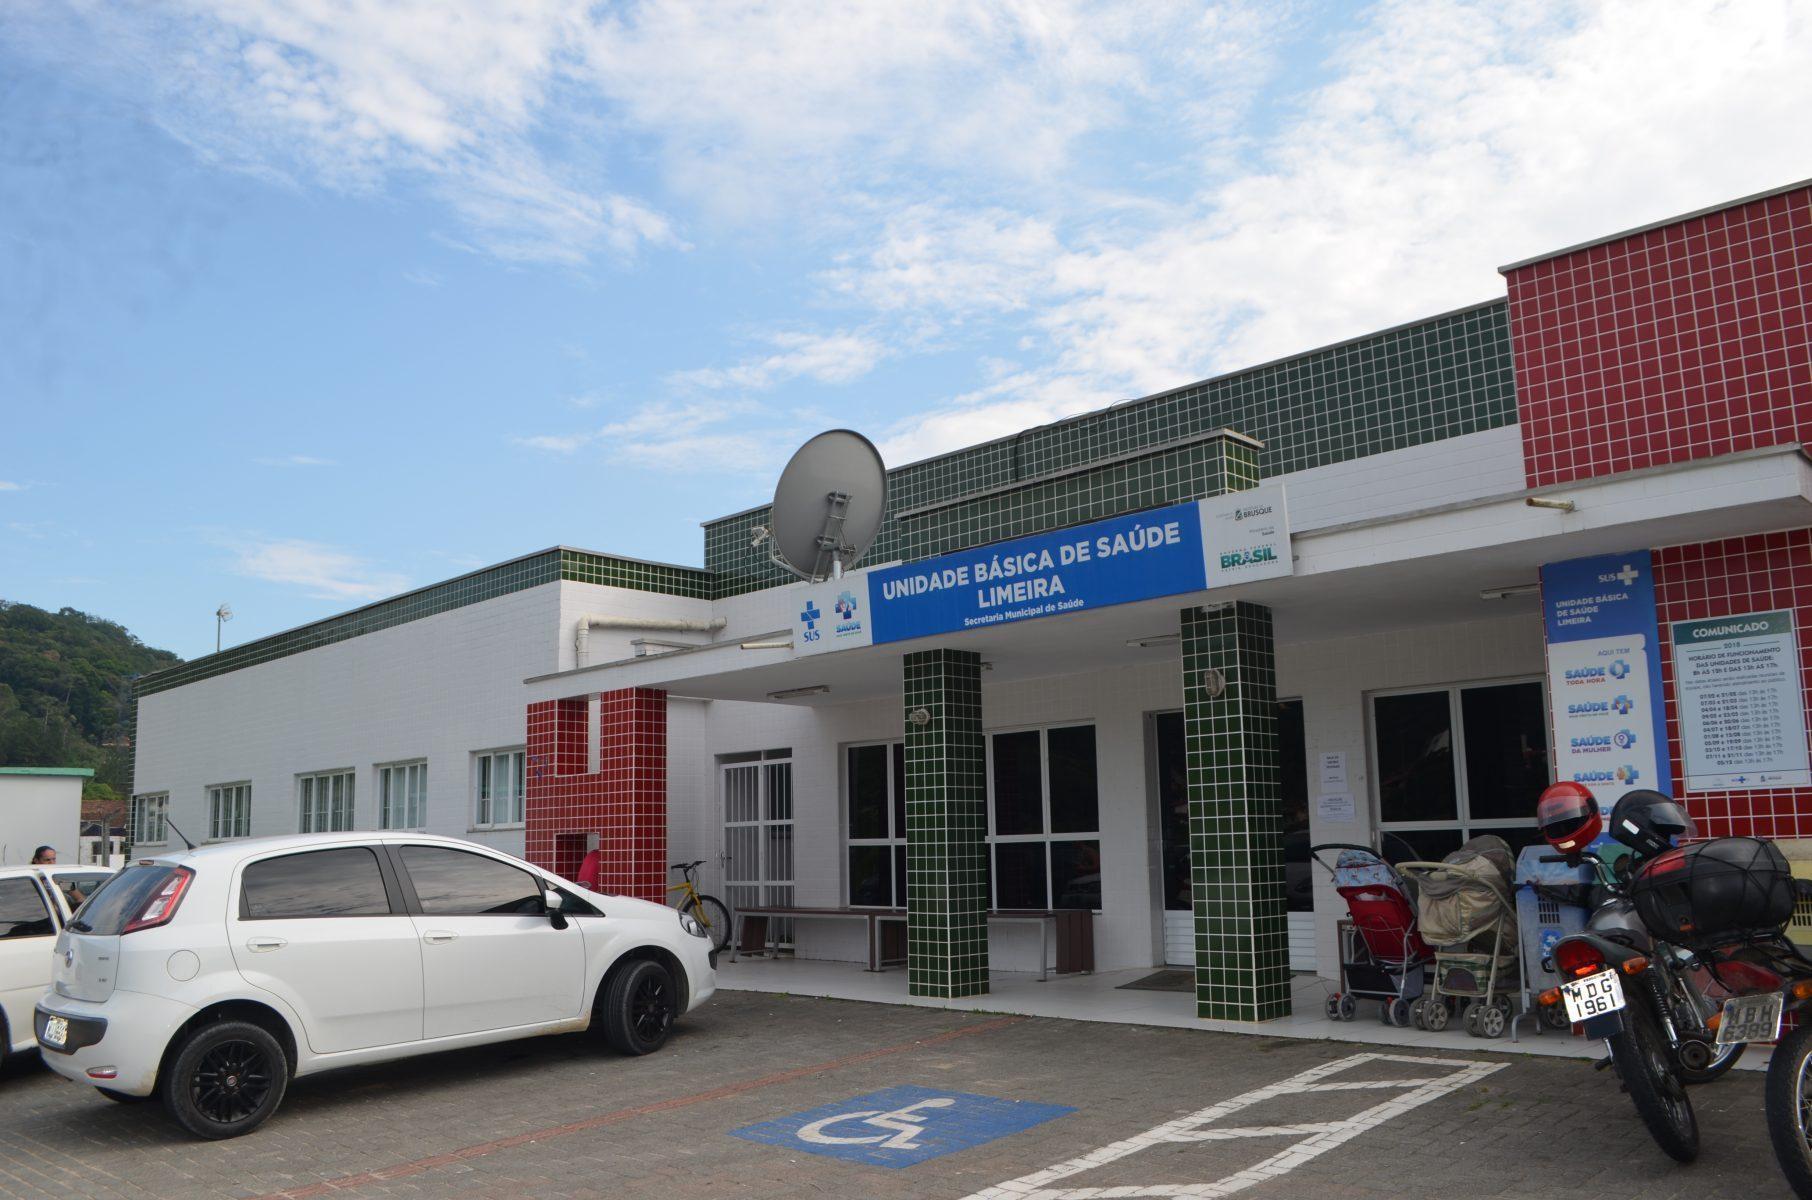 Unidade de Saúde da Limeira Baixa estará fechada na tarde desta quarta-feira (10)